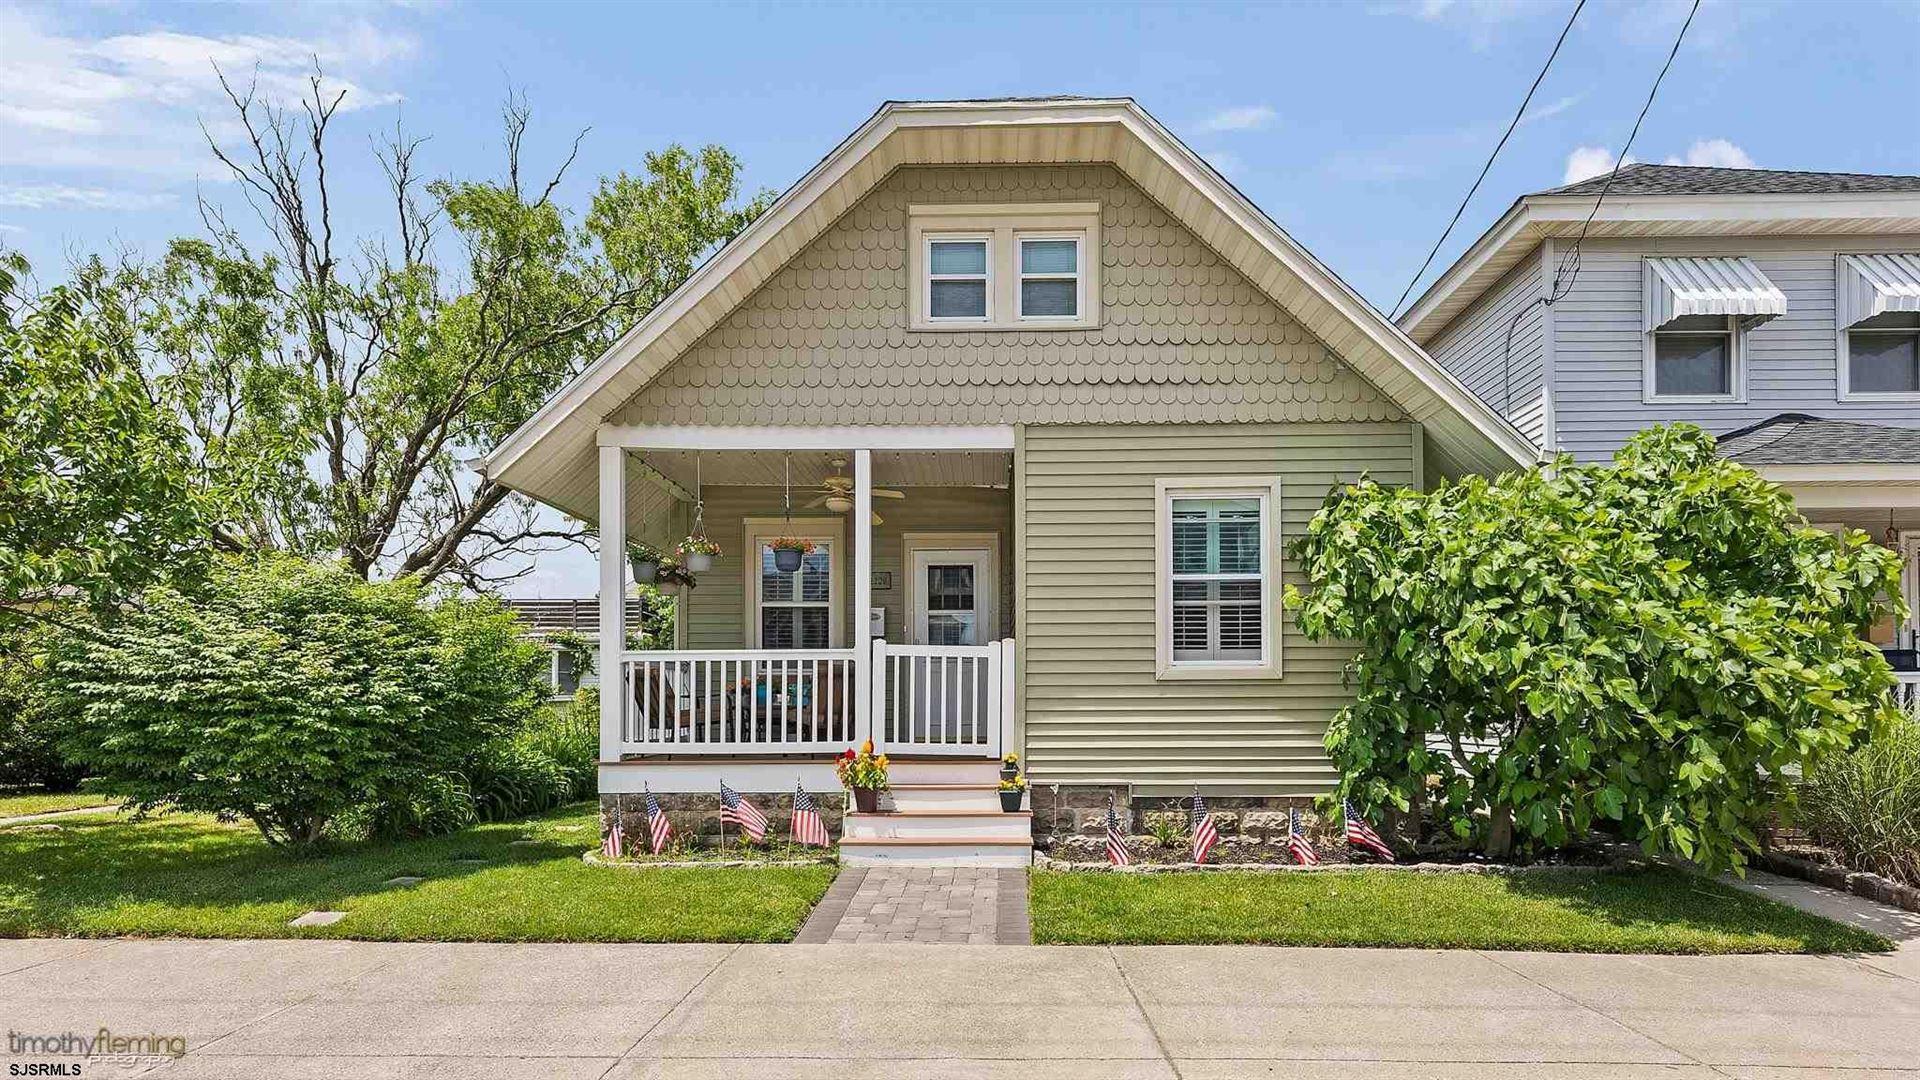 1228 Simpson Ave Ave, Ocean City, NJ 08226 - #: 551465